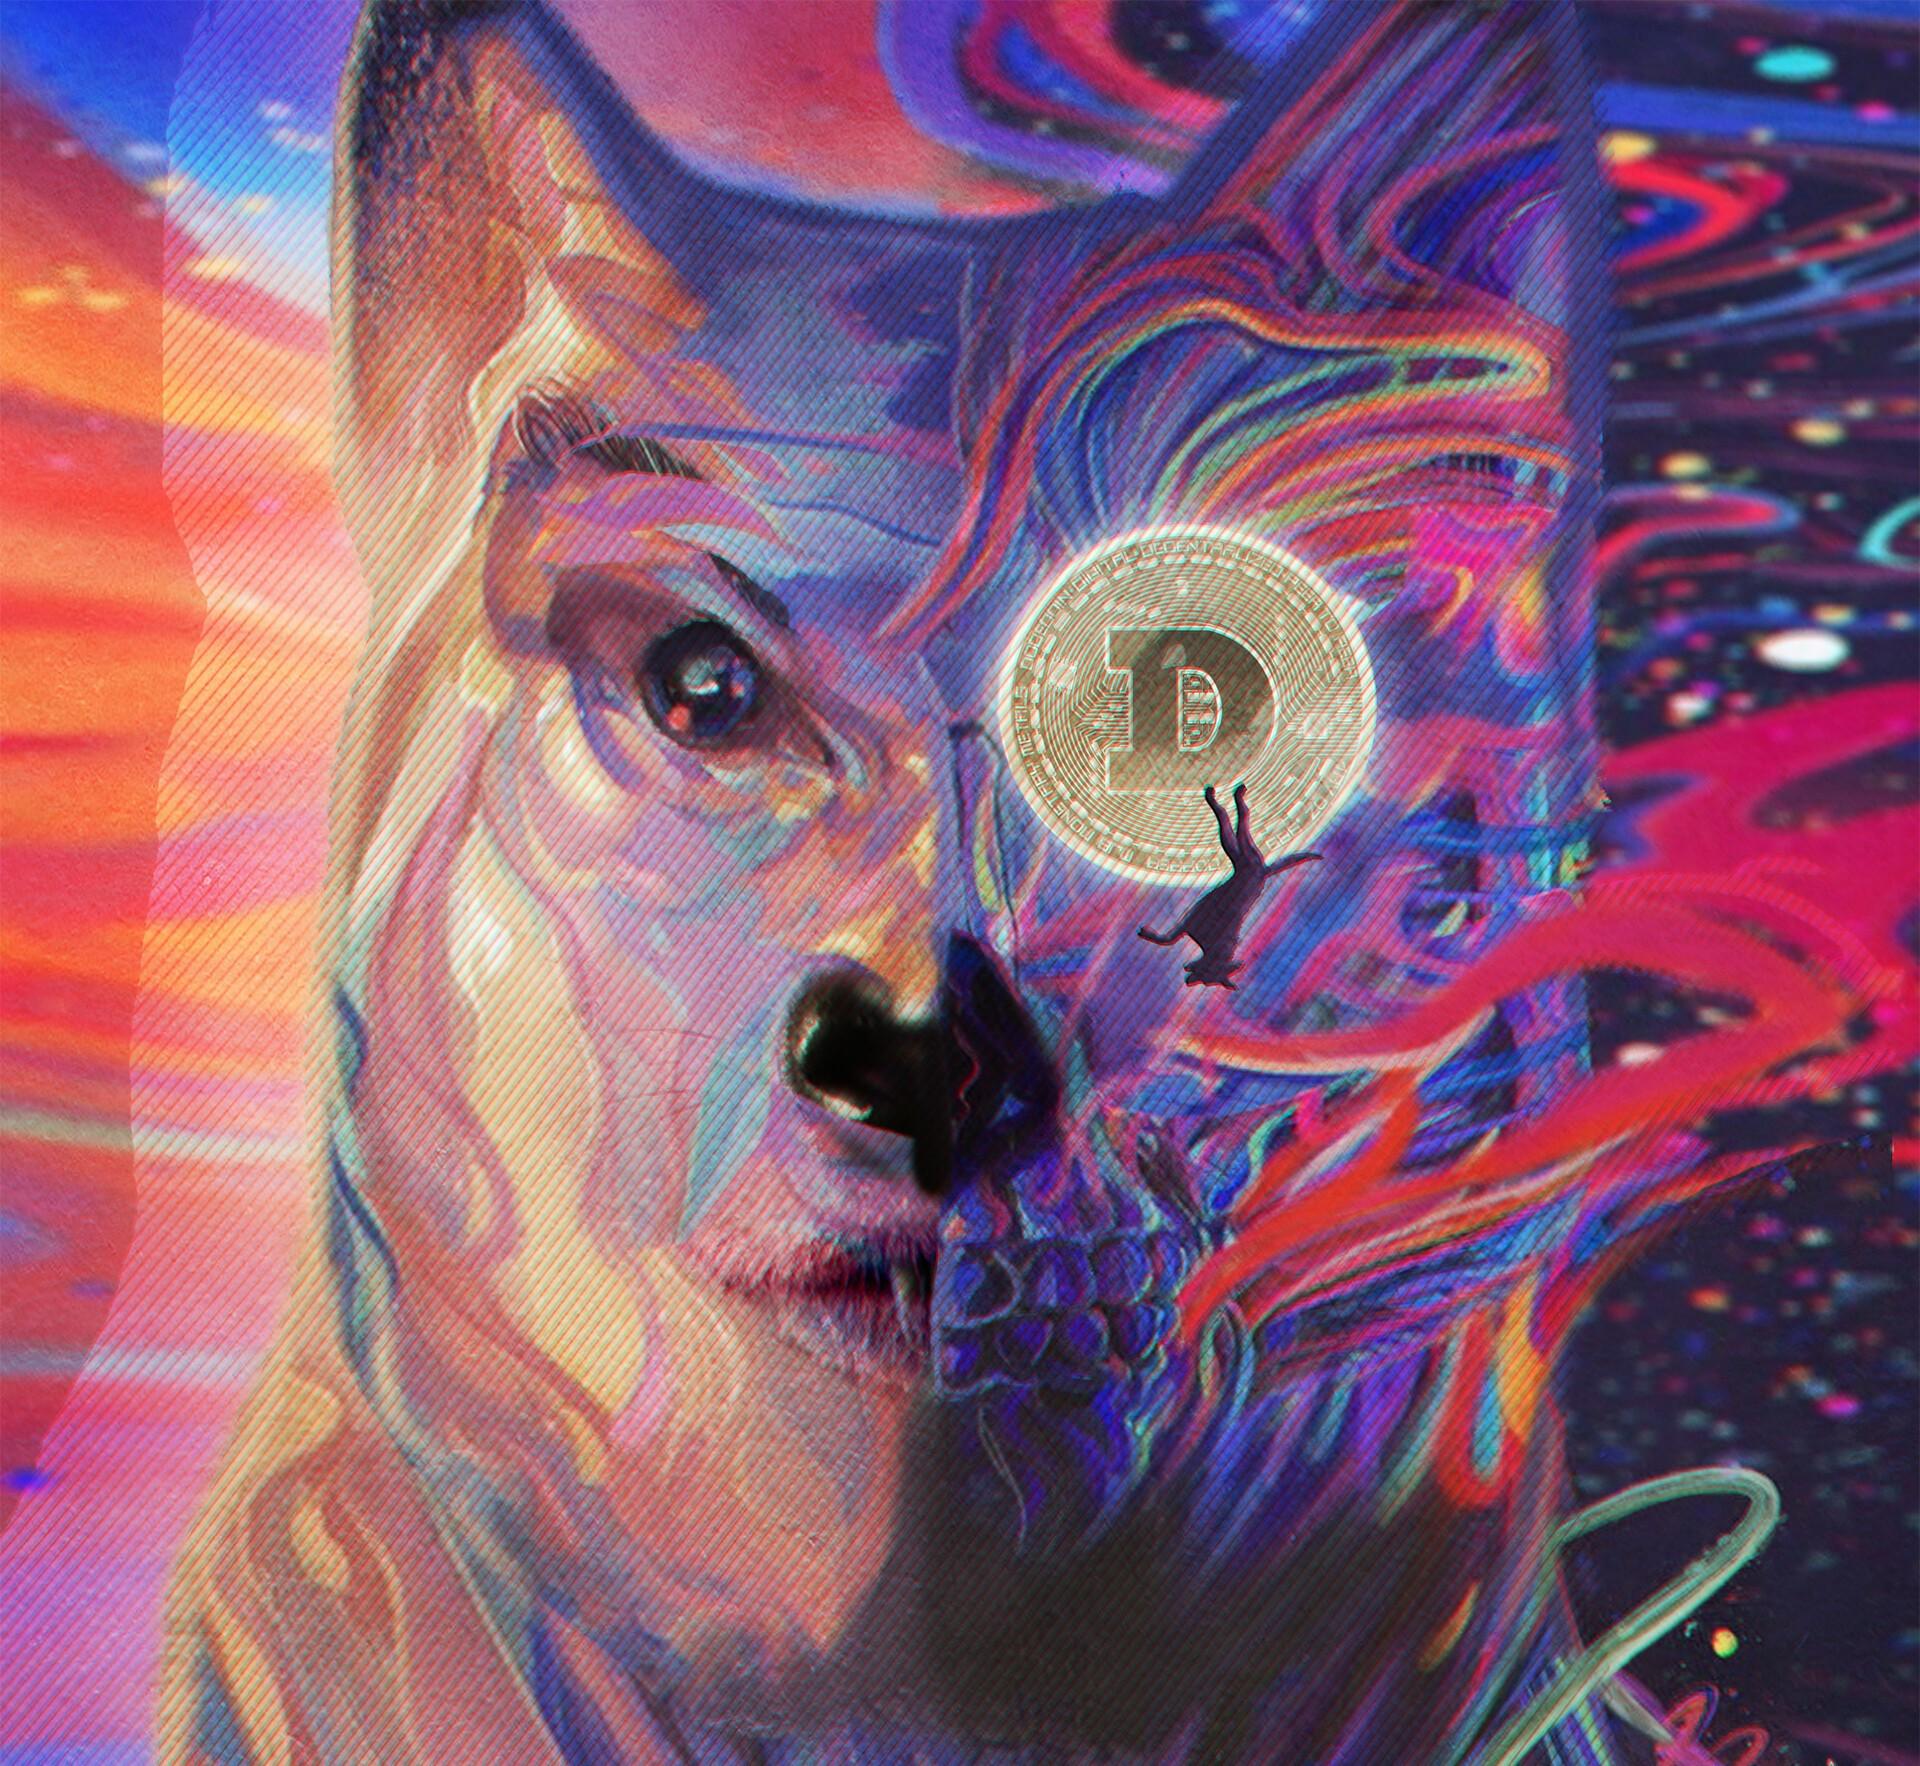 Không phải Bitcoin hay Ethereum, Dogecoin (DOGE) mới là đồng coin thống trị tại Mỹ